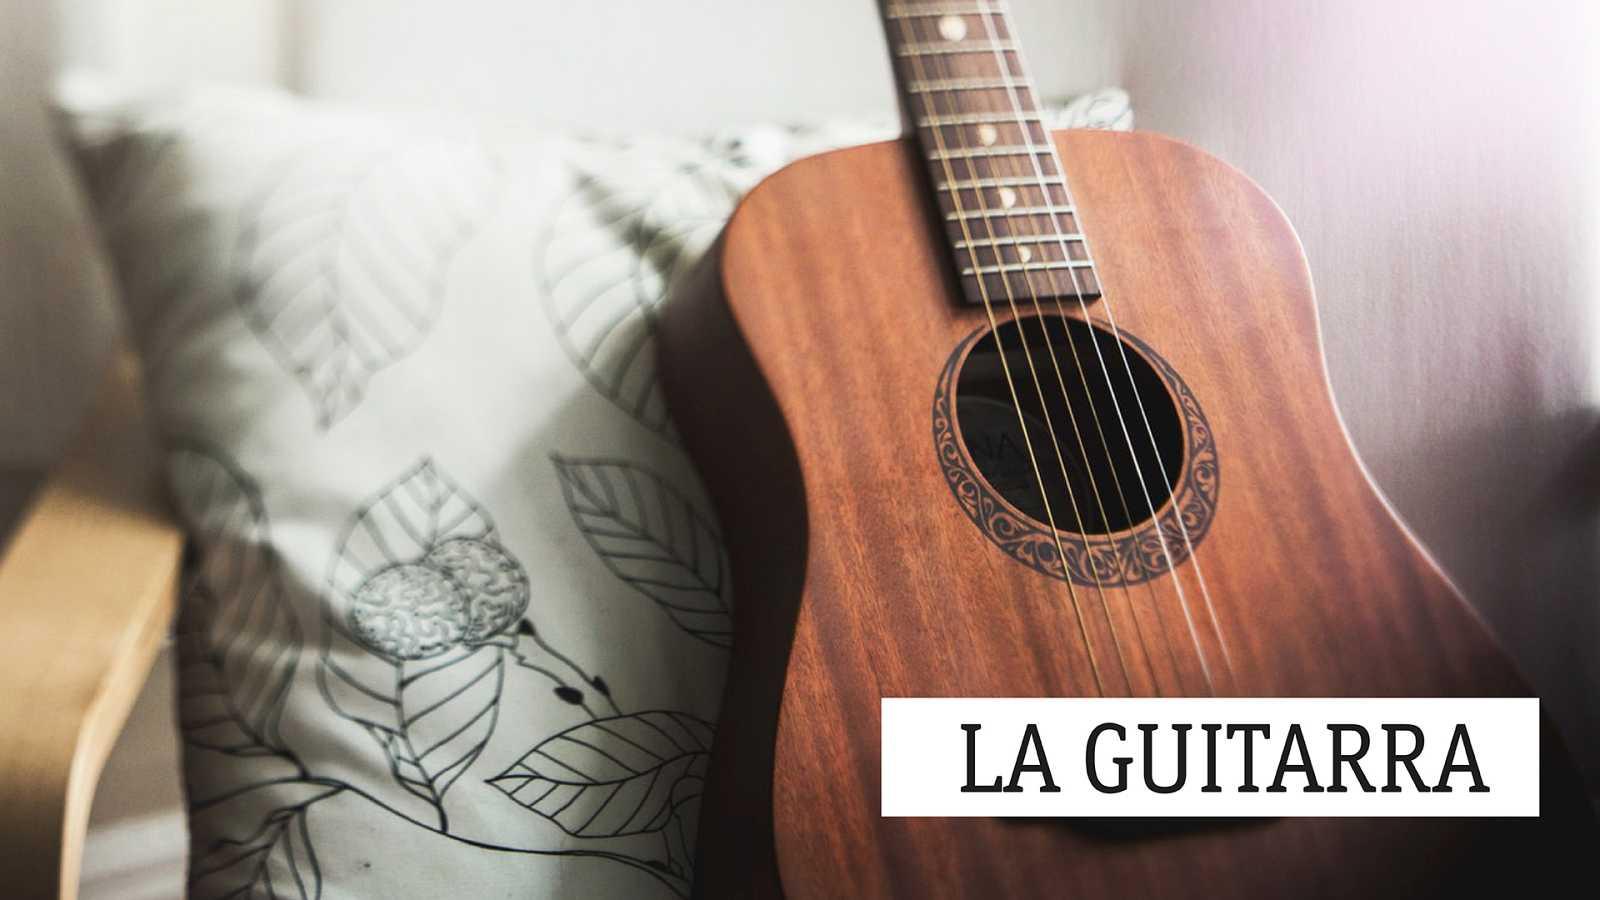 La guitarra - Pablo Menéndez - 27/12/20 - escuchar ahora